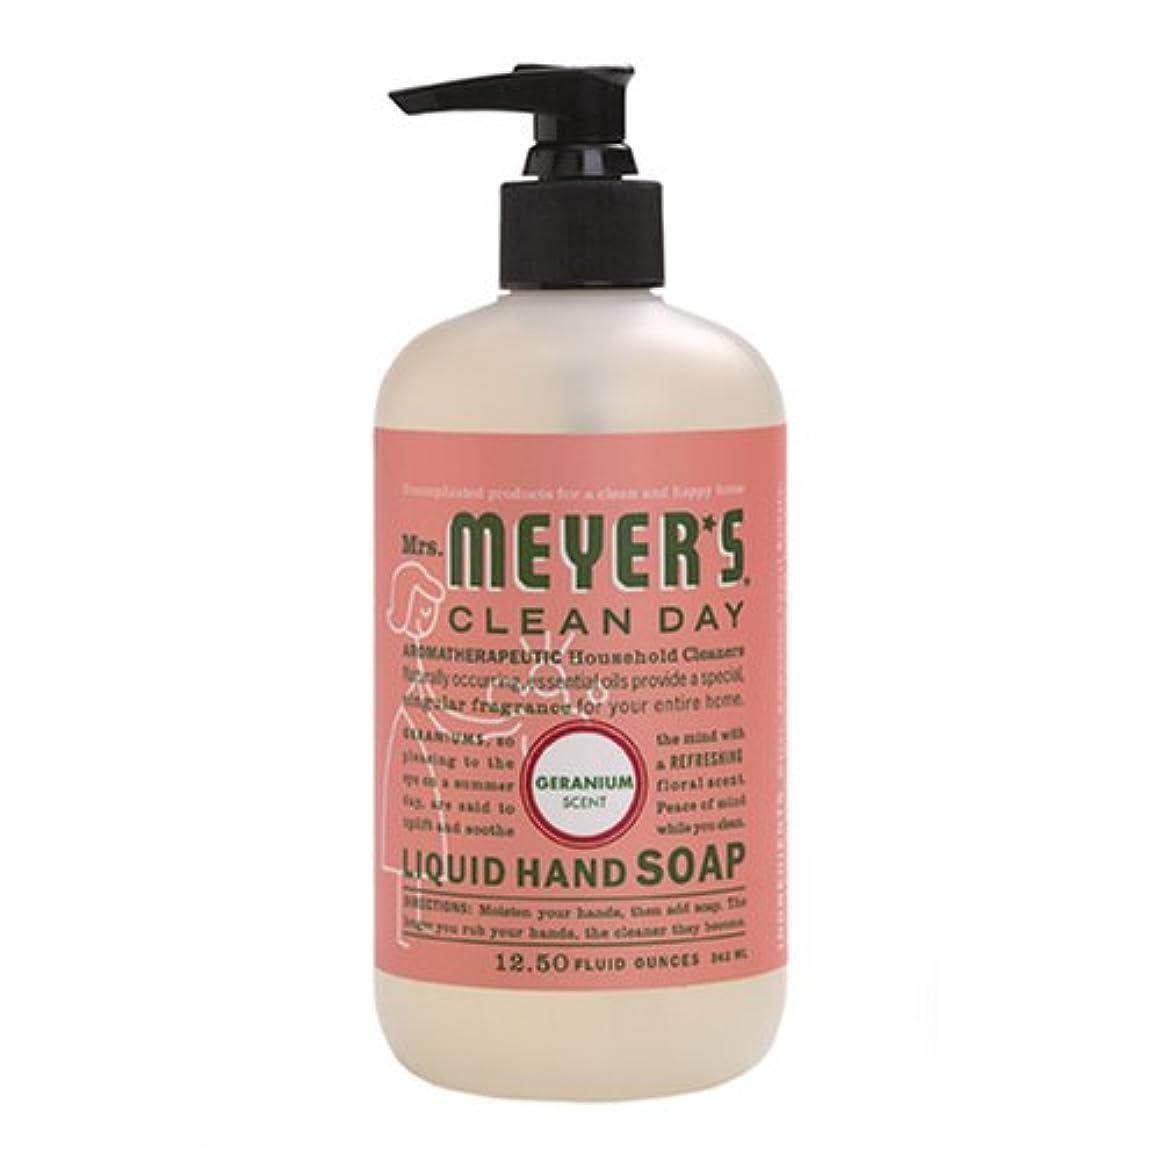 促進する魅力的ヒューズMrs. Meyers Clean Day, Liquid Hand Soap, Geranium Scent, 12.5 fl oz (370 ml)